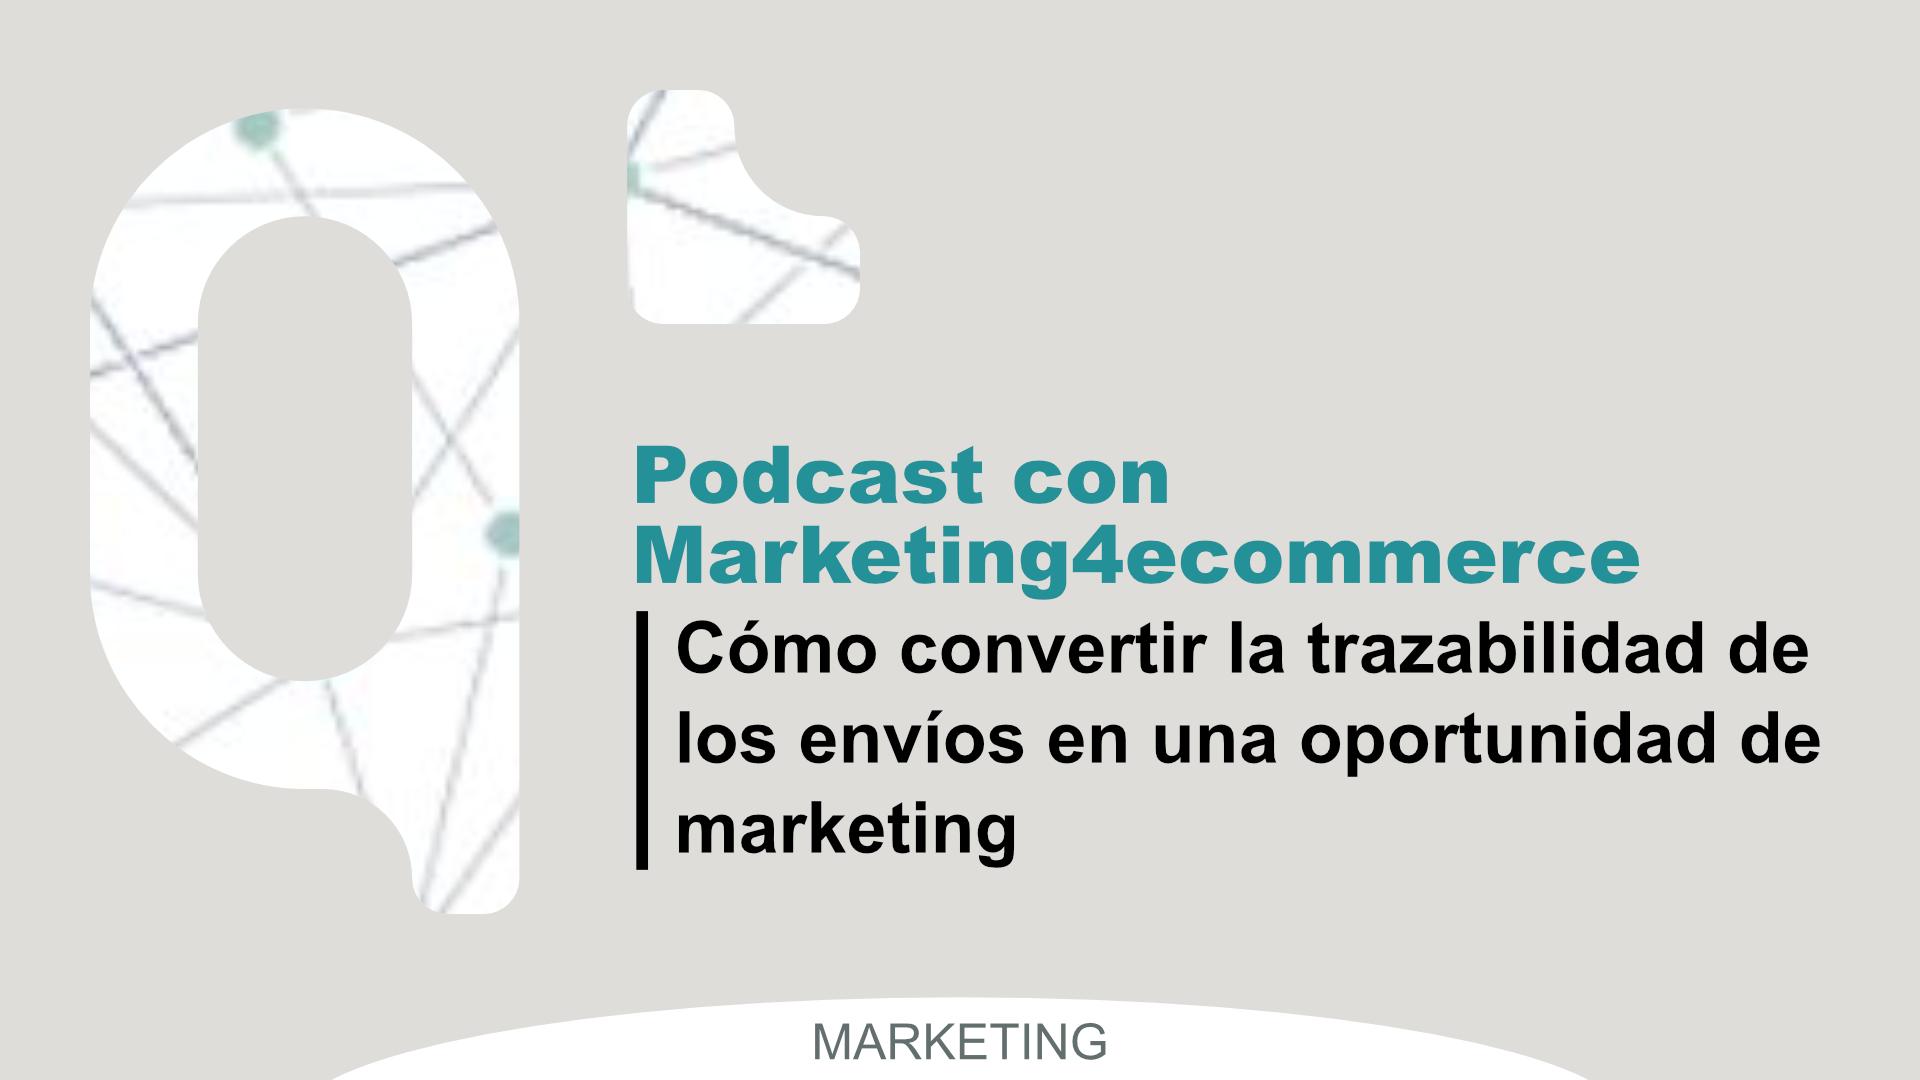 Podcast Marketing4ecommerce trazabilidad